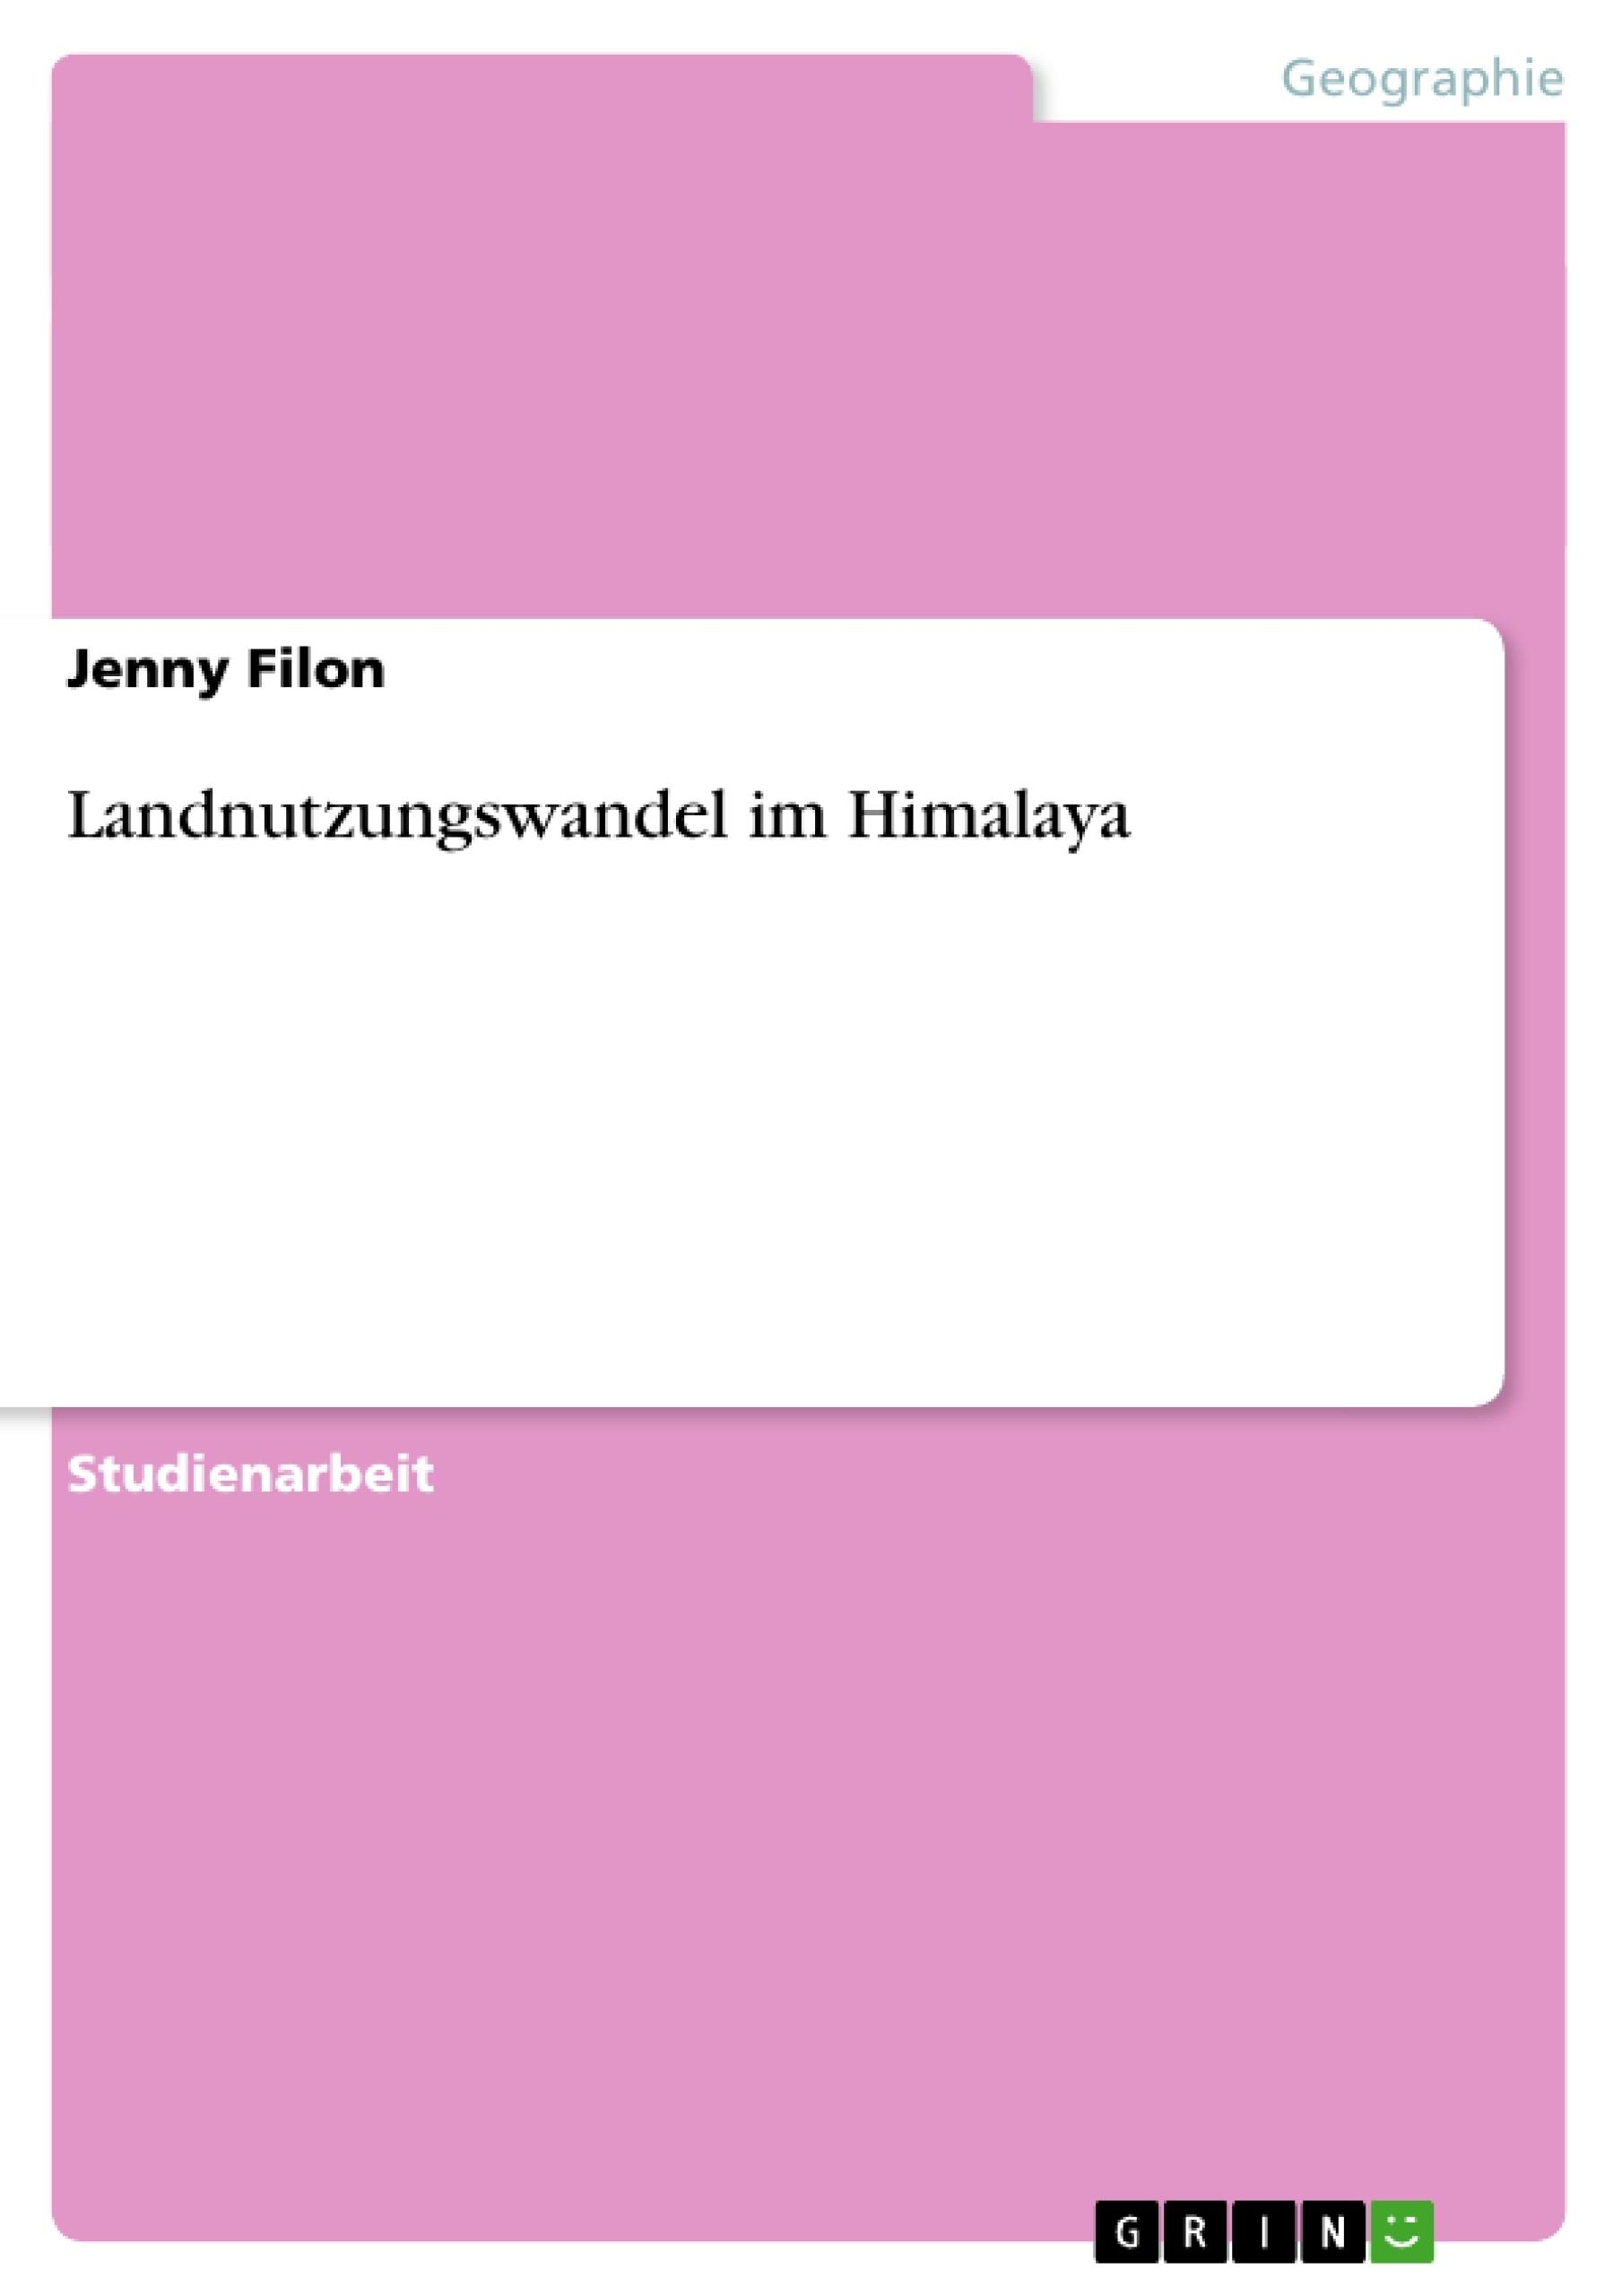 Titel: Landnutzungswandel im Himalaya